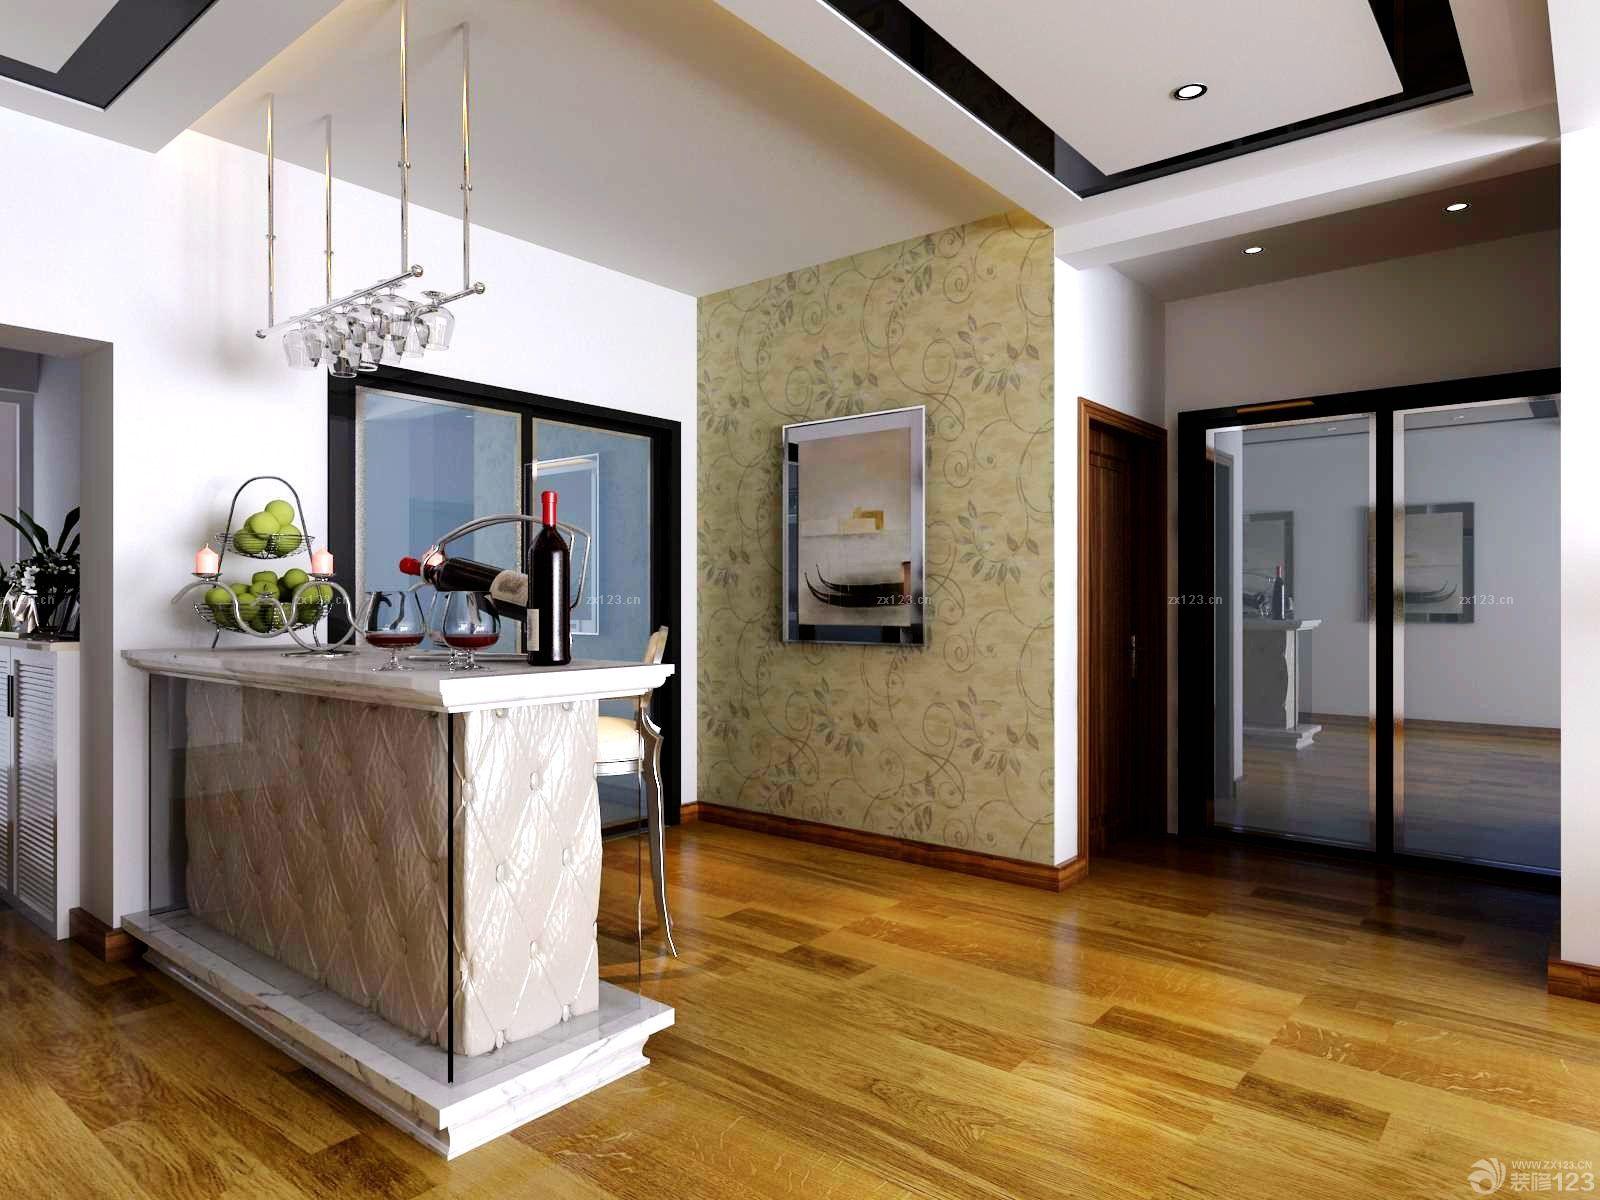 客厅天花板石膏板吊顶设计图片